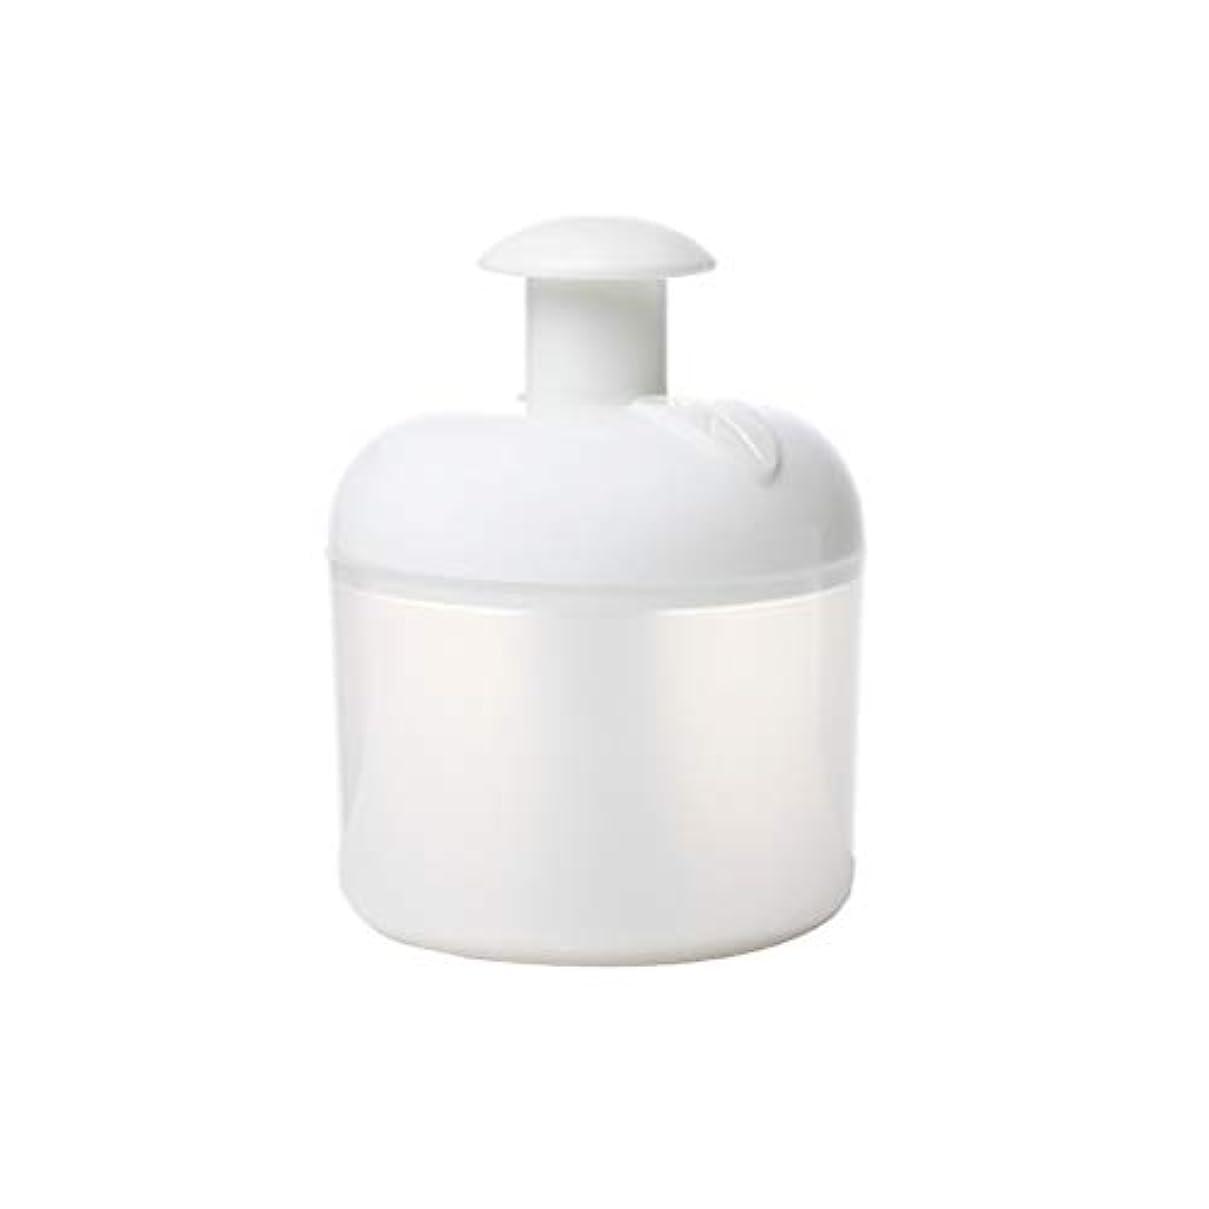 発火する中級パックLurrose 洗顔泡立て器フェイスクレンザーバブルメーカー用フェイスウォッシュスキンケアトラベル家庭用(ホワイト)